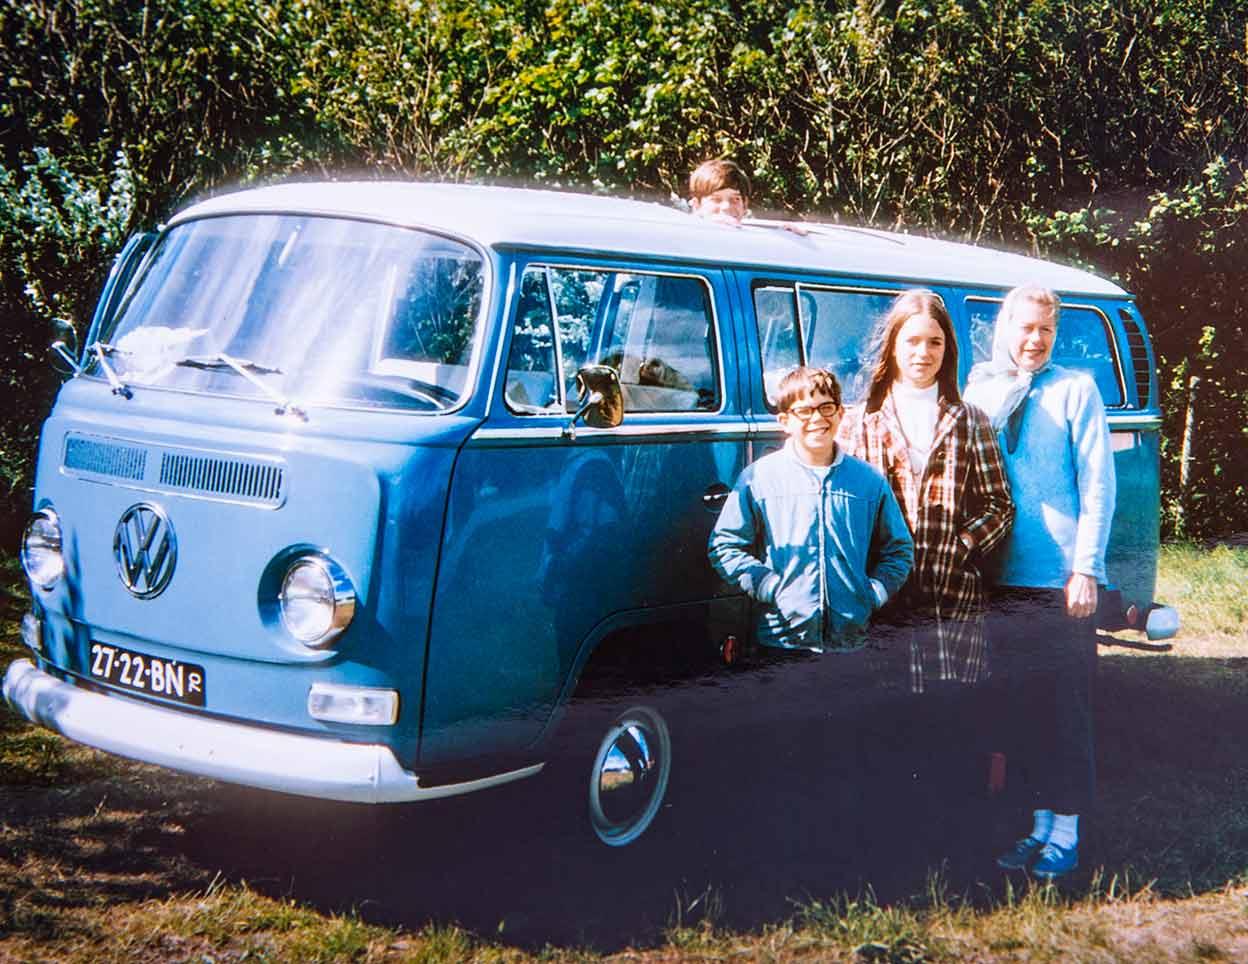 Das erste Familienfoto mit dem neuen Bus. Nur der Papa ist nicht drauf, der macht das Foto. Jetzt kann die Tour mit Double-Double beginnen.